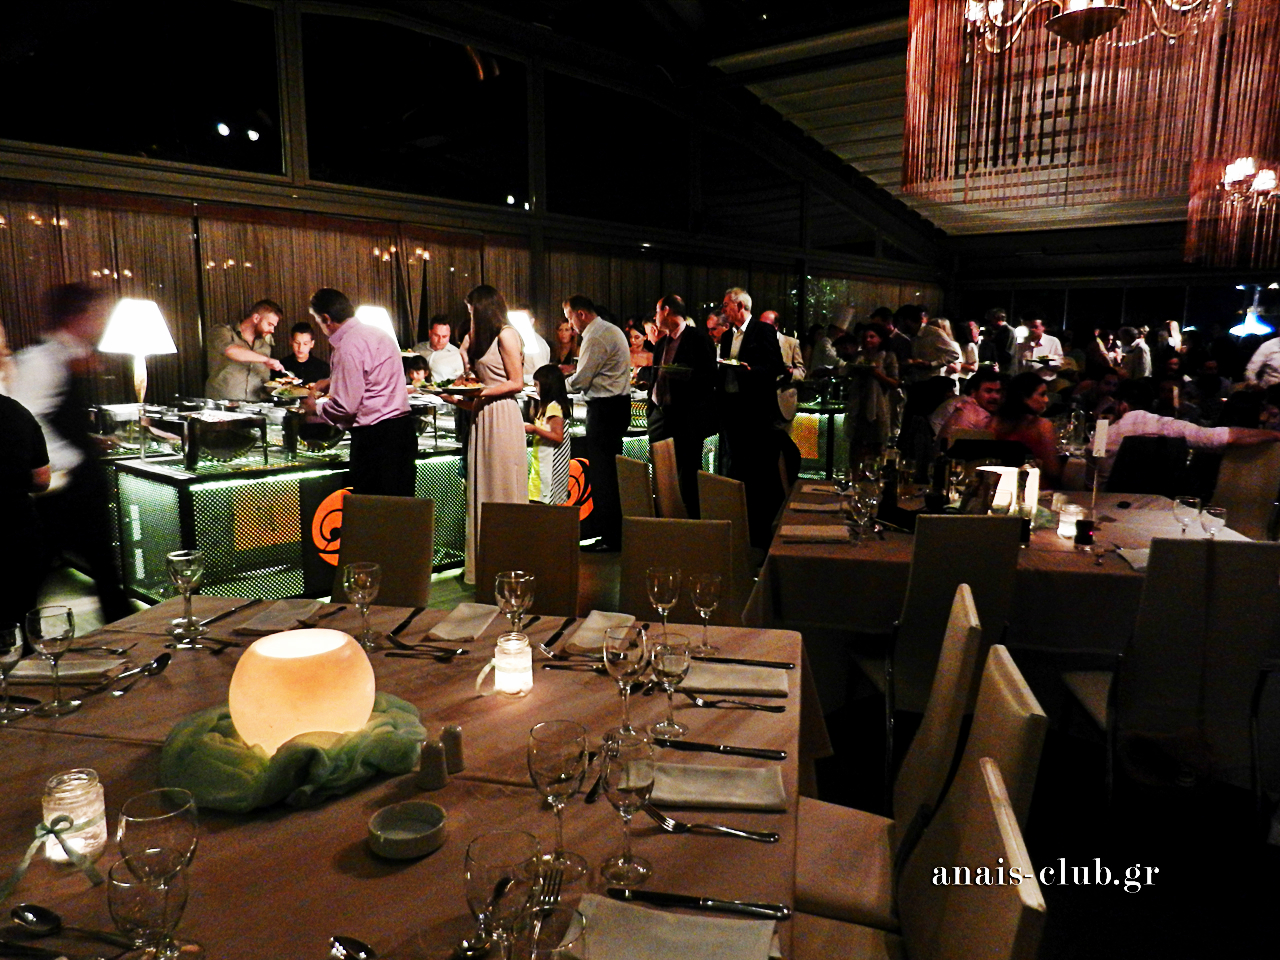 Οι καλεσμένοι σερβίρονται με σειρά και άνεση από τους πλούσιους σε γεύσεις μπουφέδες του Anais Club